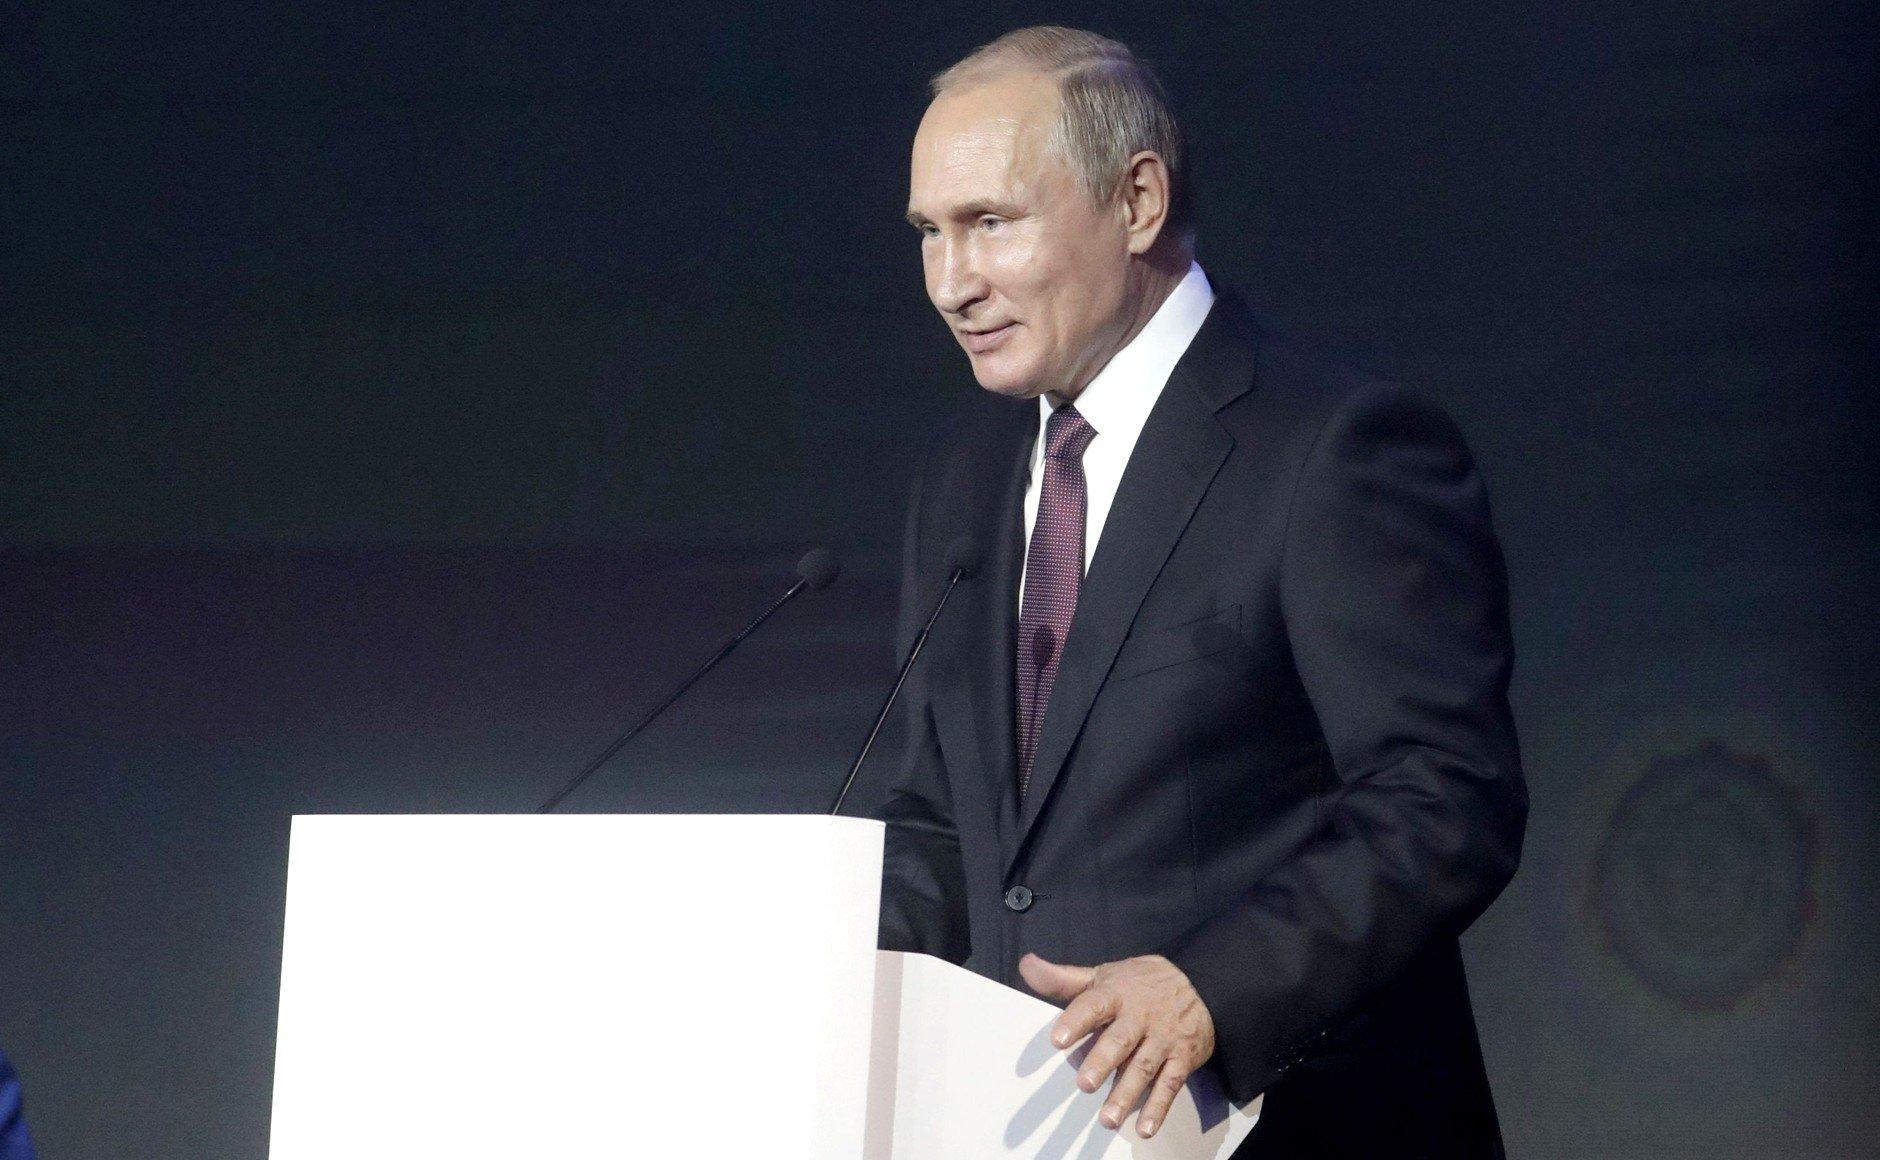 Стабильная экономика в цифровом будущем: Путин о кибербезопасности в мировой экономике